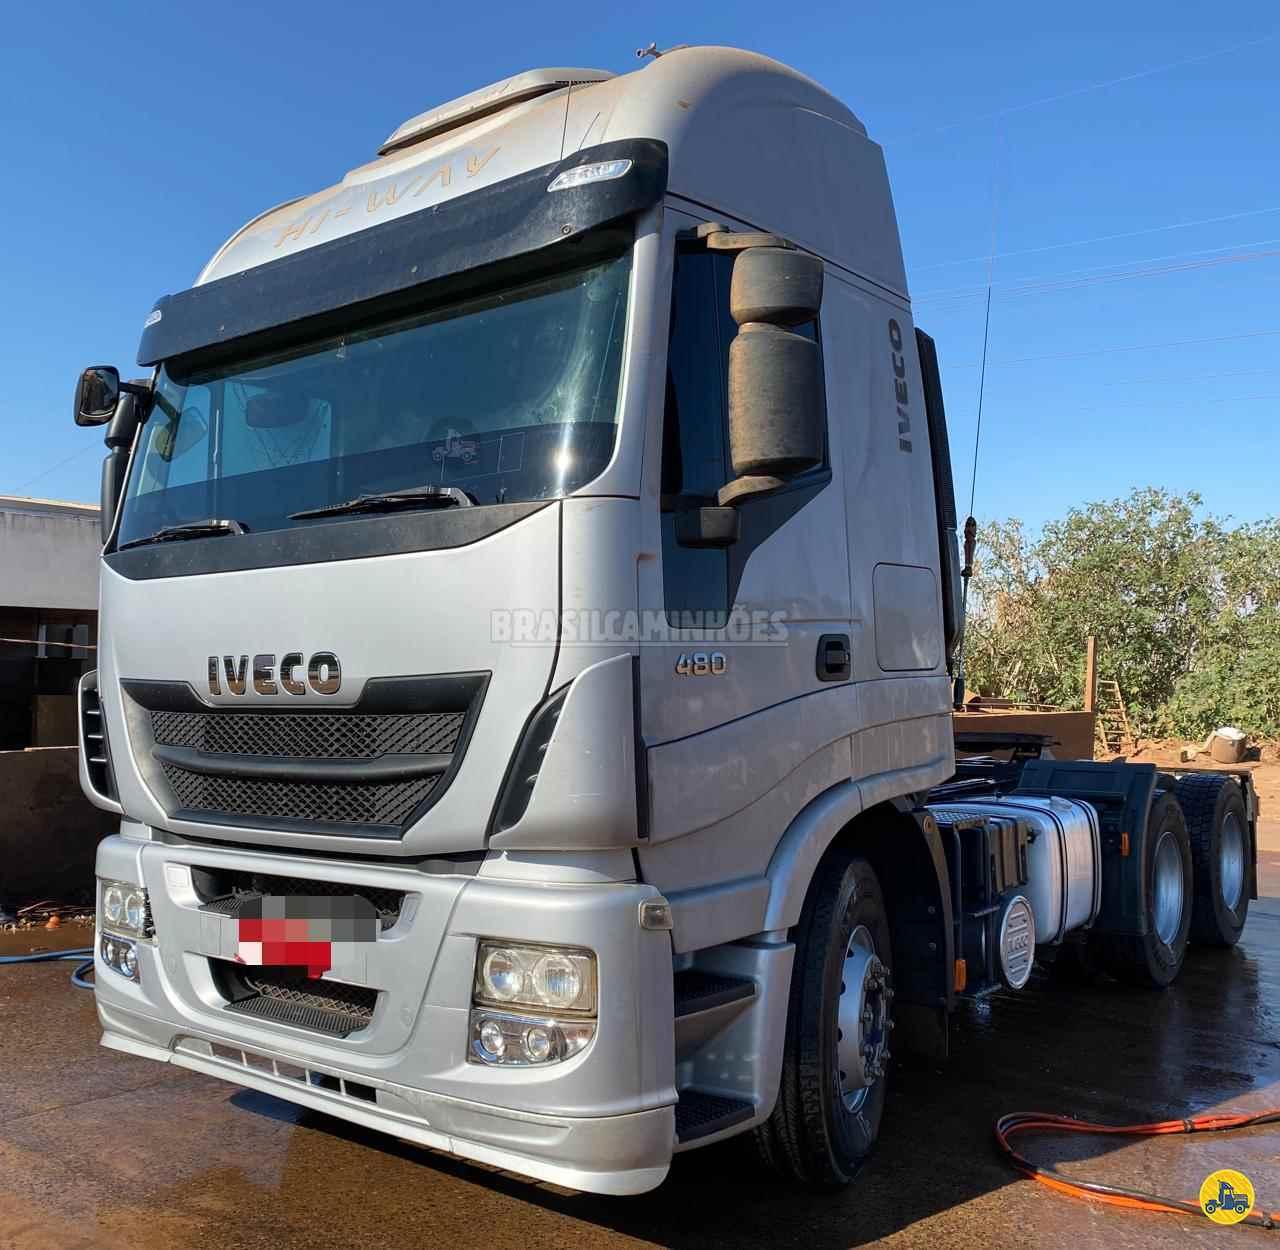 CAMINHAO IVECO STRALIS 460 Cavalo Mecânico Traçado 6x4 Brasil Caminhões Sinop SINOP MATO GROSSO MT